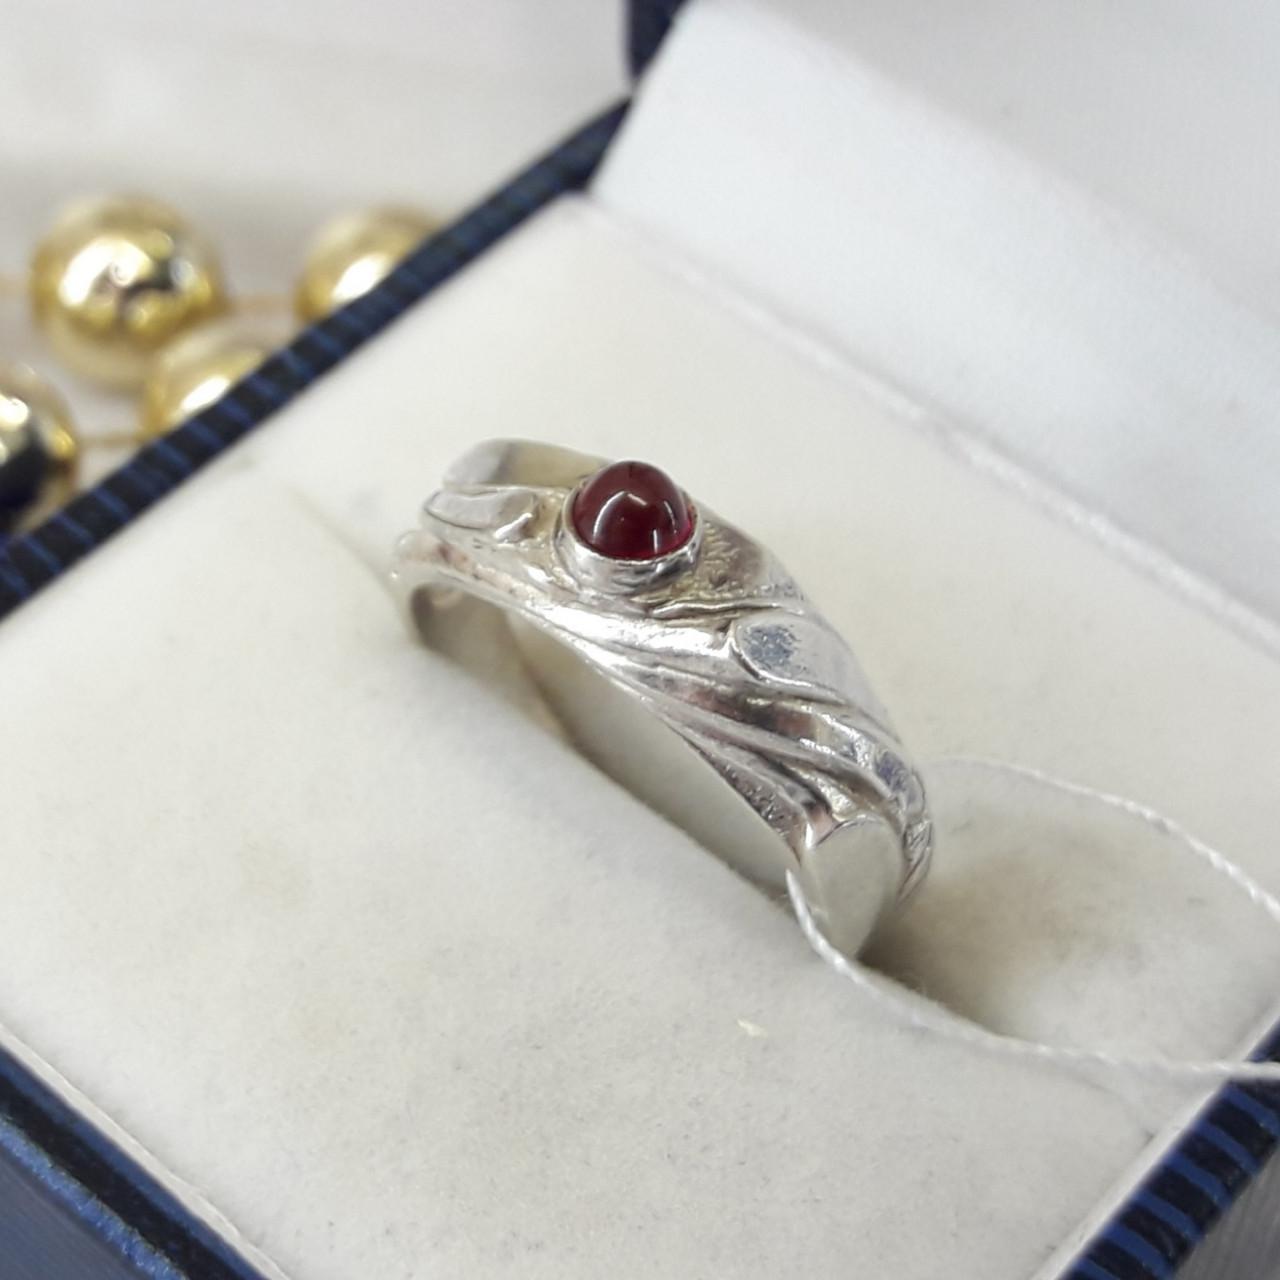 Класичне срібний перстень з червоним каменем